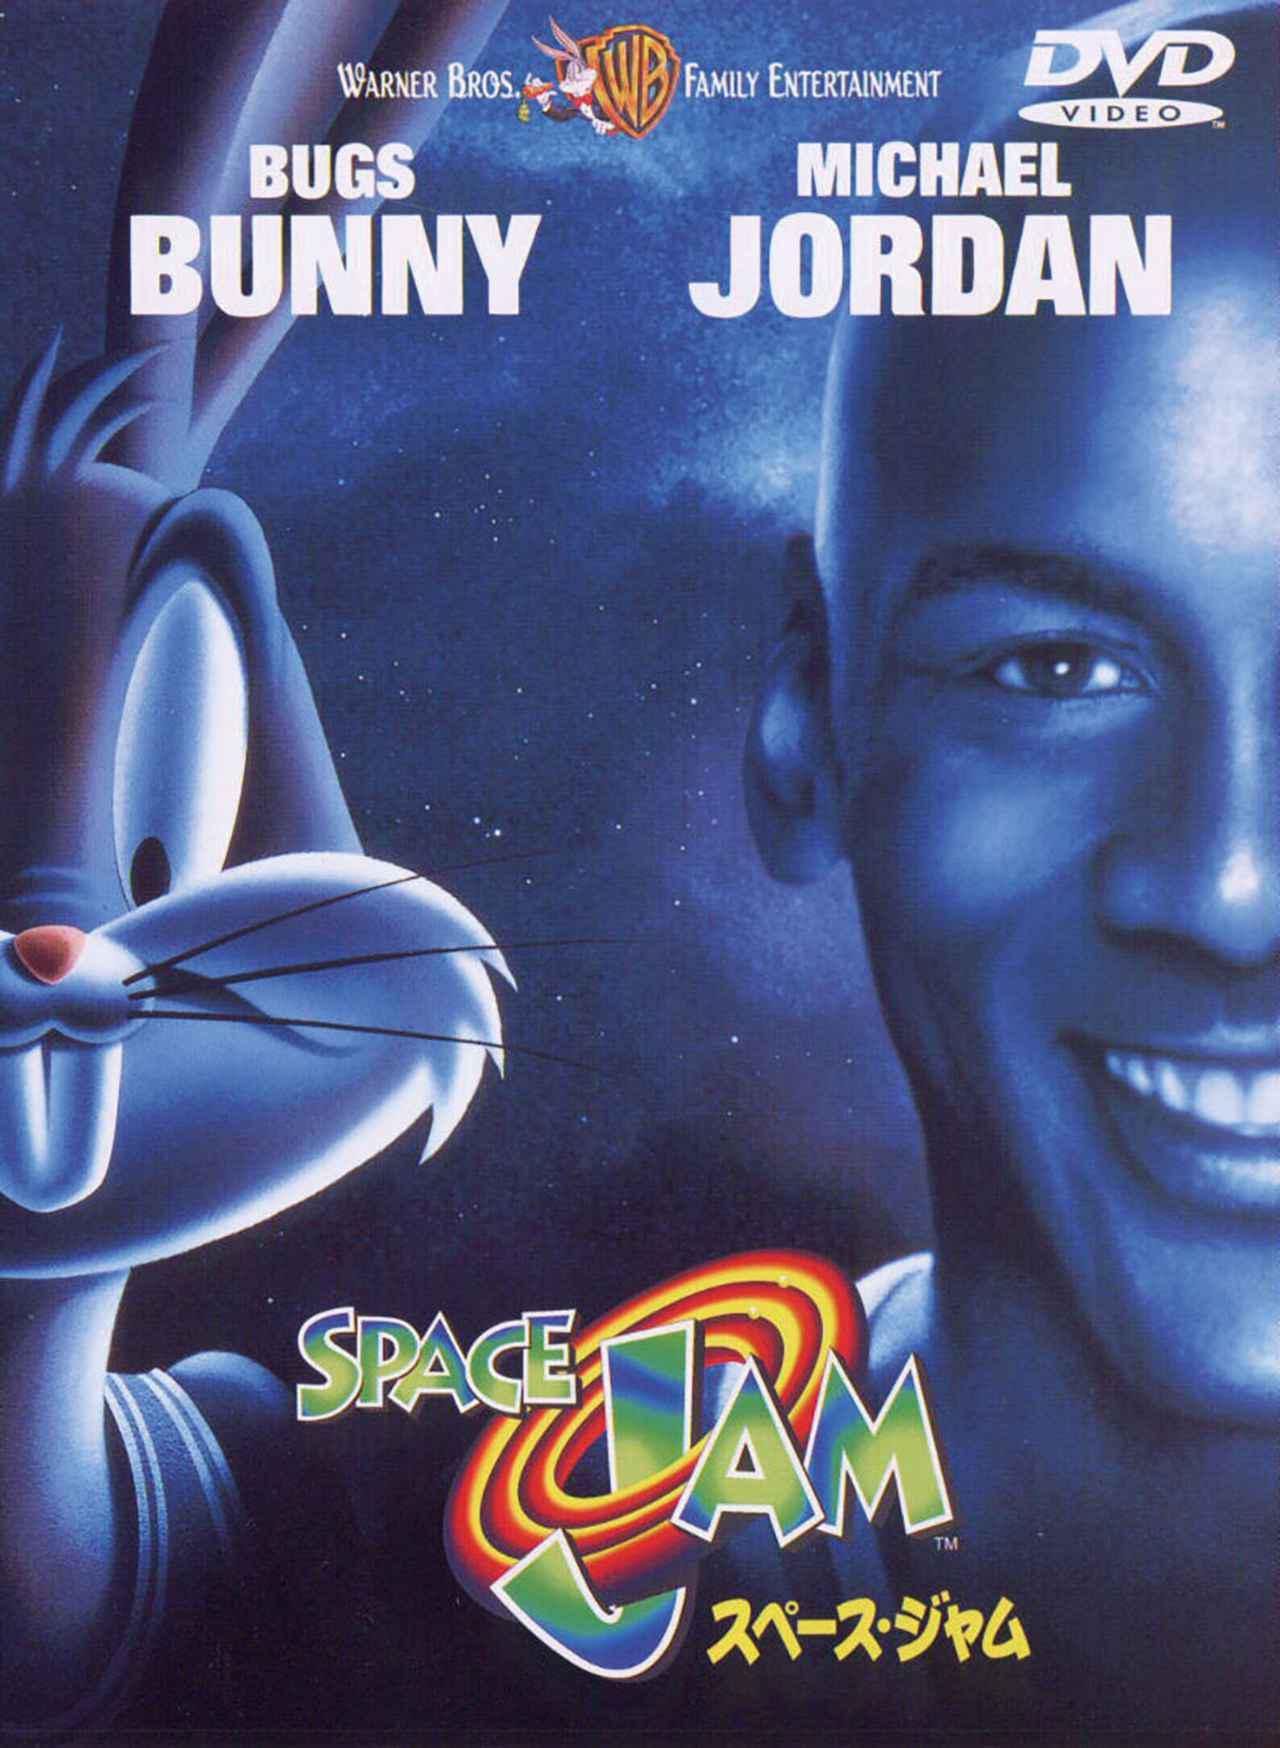 画像: DVD 1,572円(税込)発売元:ワーナー・ブラザース ホームエンターテイメント販売元:NBC ユニバーサル・エンターテイメント © 1996 Warner Bros Entertainment Inc. All Rights Reserved.